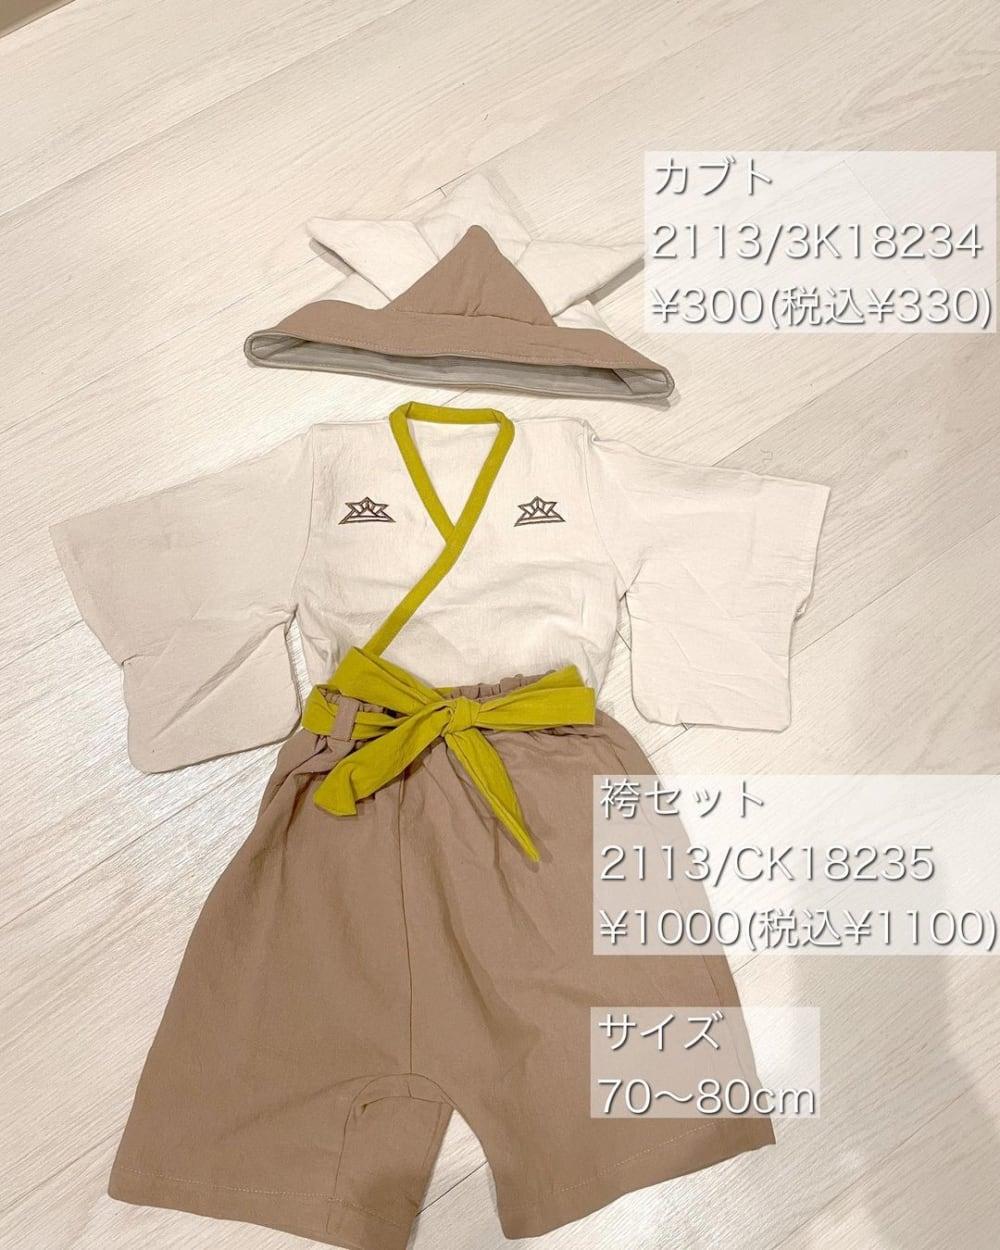 スリーコインズのかぶとと袴セットの写真